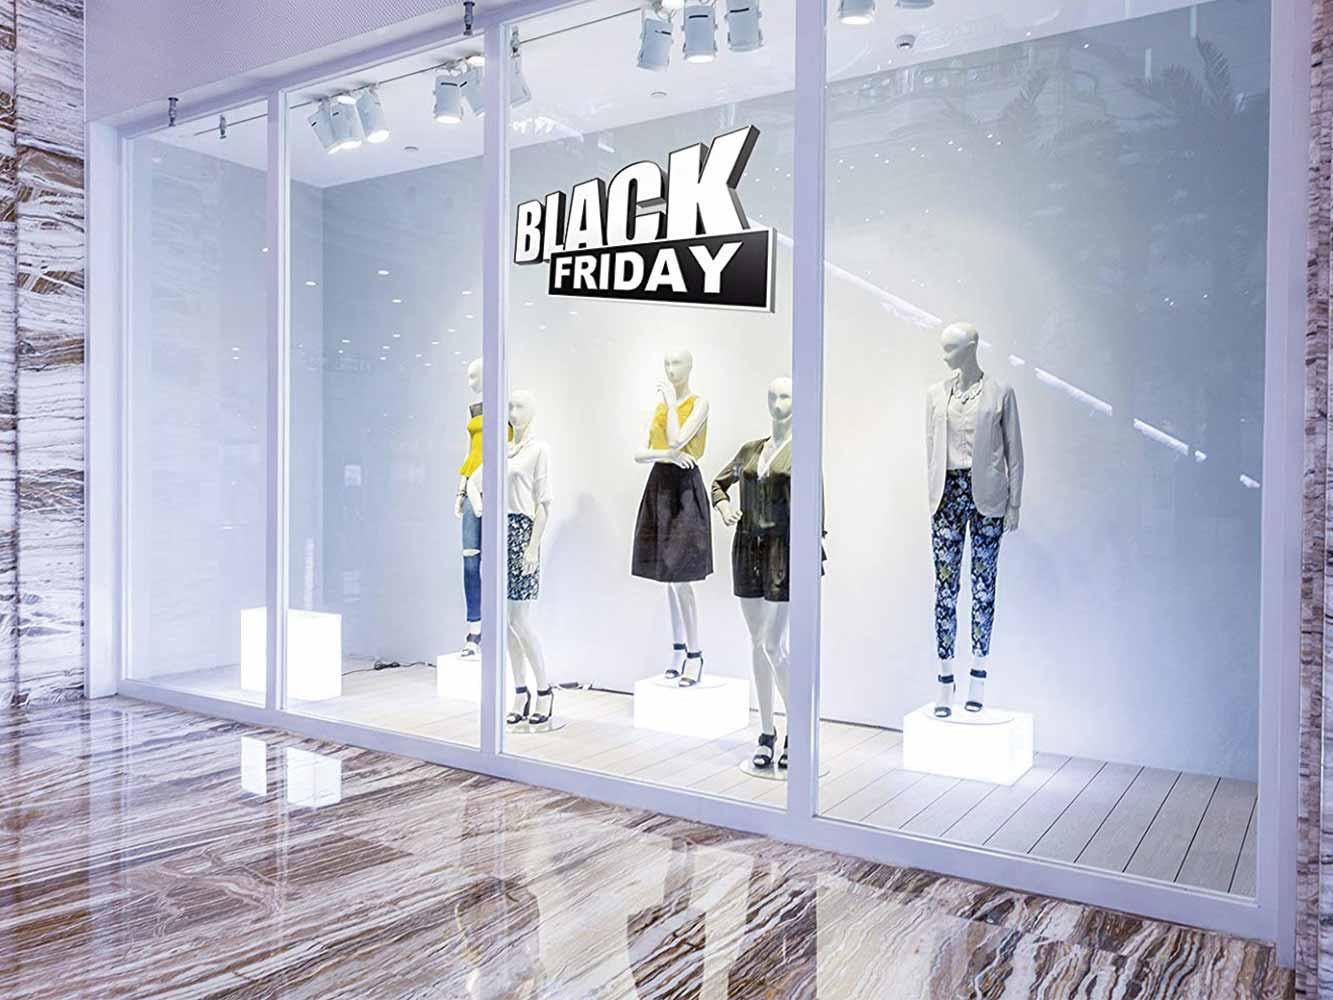 Vinilo Escaparate Black Friday Blanco Negro 3D | Carteles XXL - Impresión carteleria publicitaria